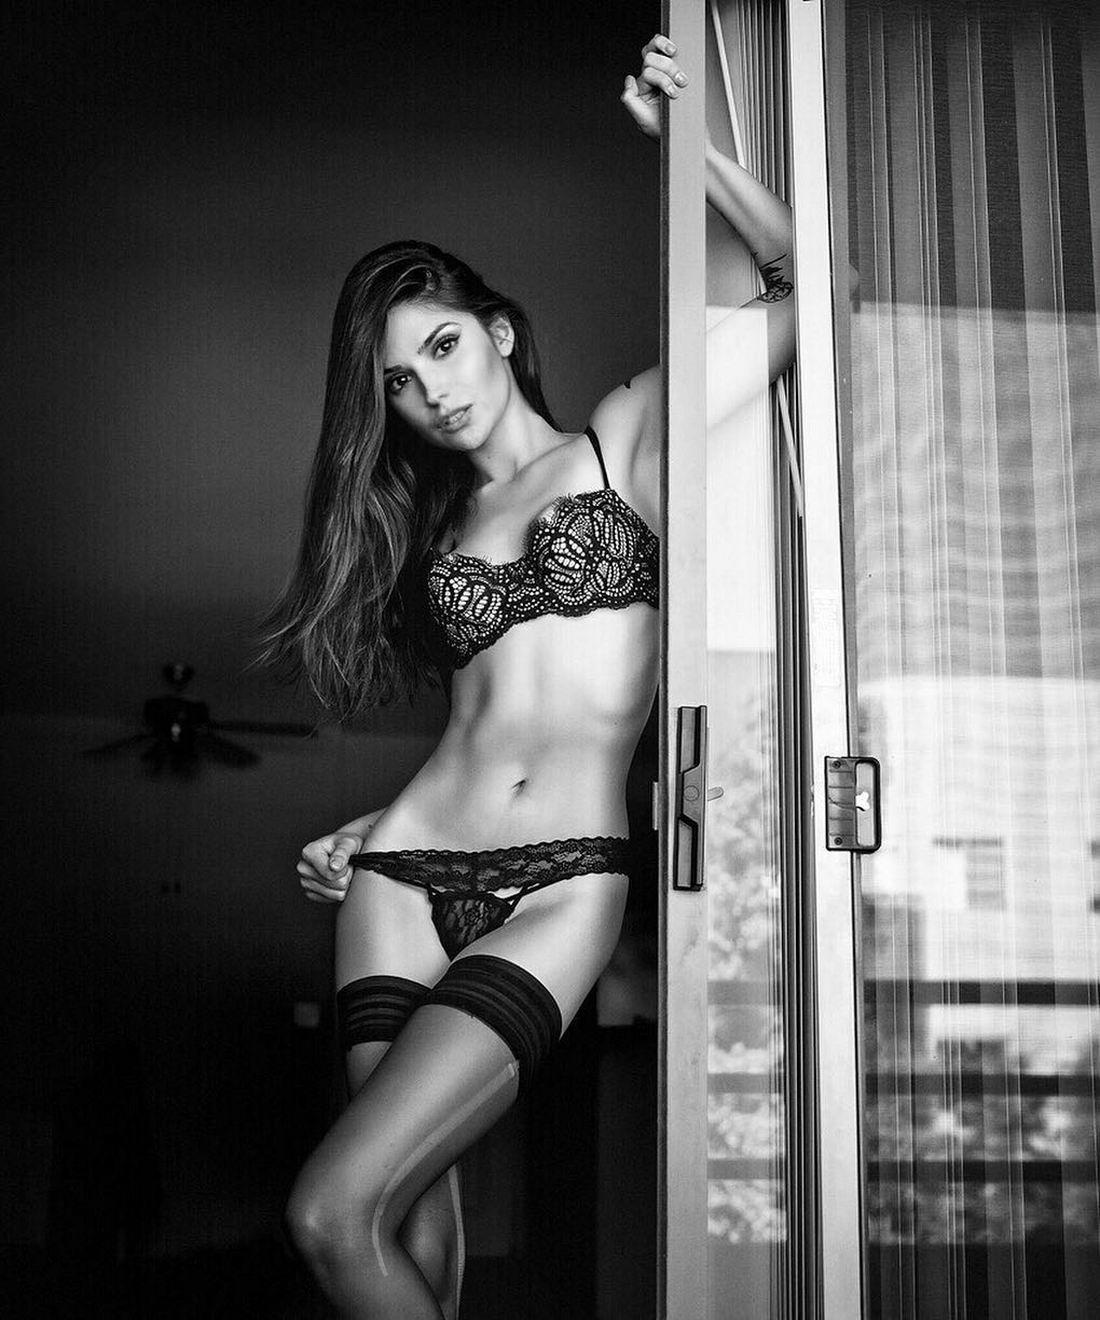 Привлекательные девушки в нижнем белье - 15 (40 фото)